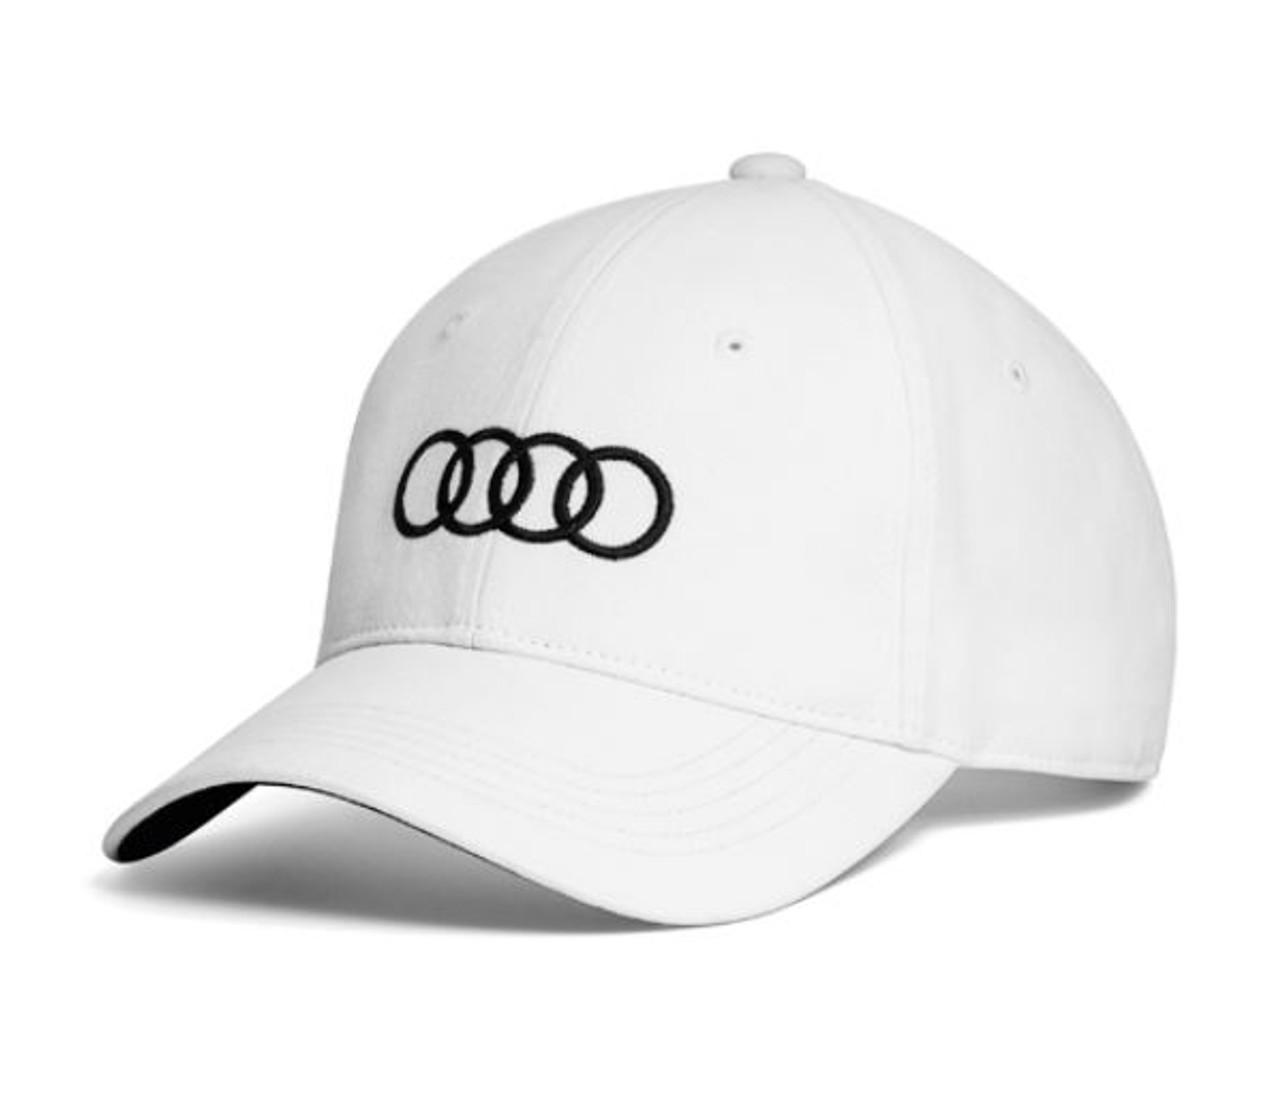 Genuine Audi Cap, white